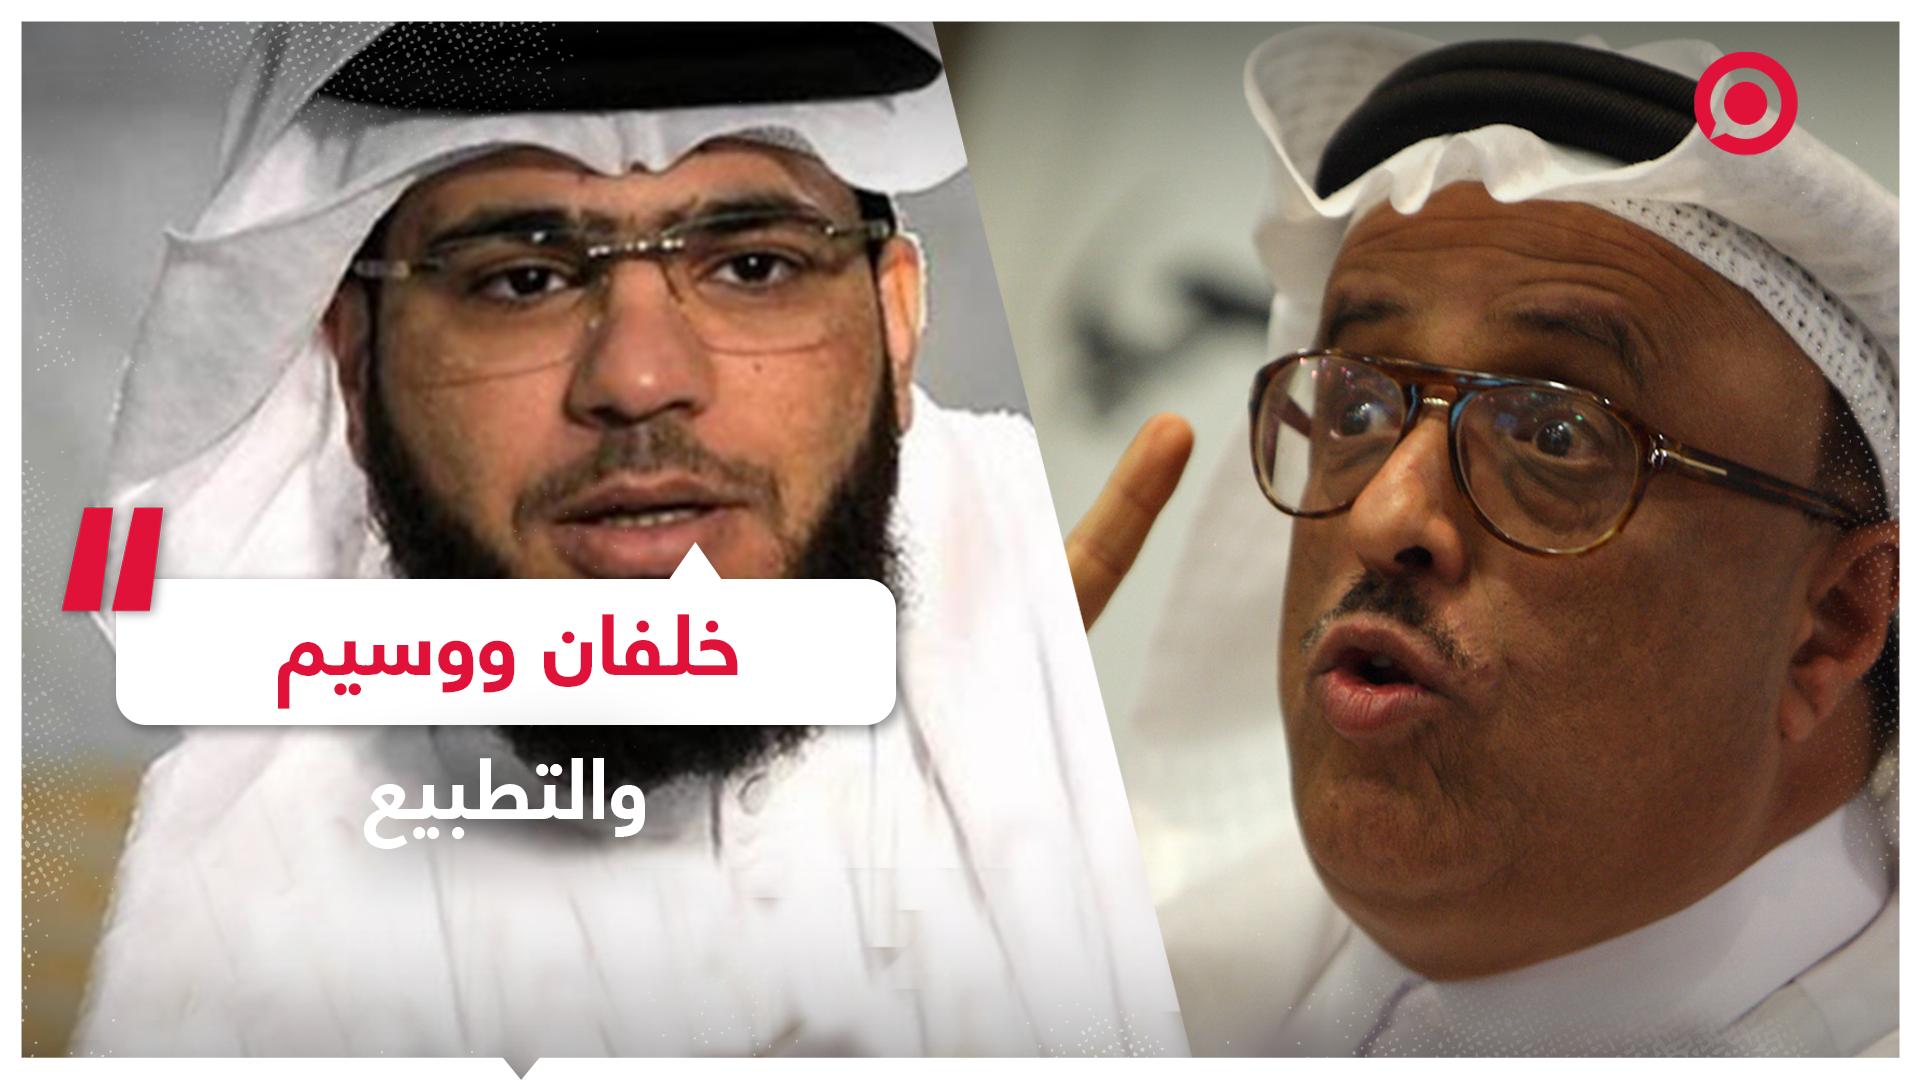 كيف علق النشطاء على تغريدات ضاحي خلفان ووسيم يوسف بعد توقيع اتفاق التطبيع؟